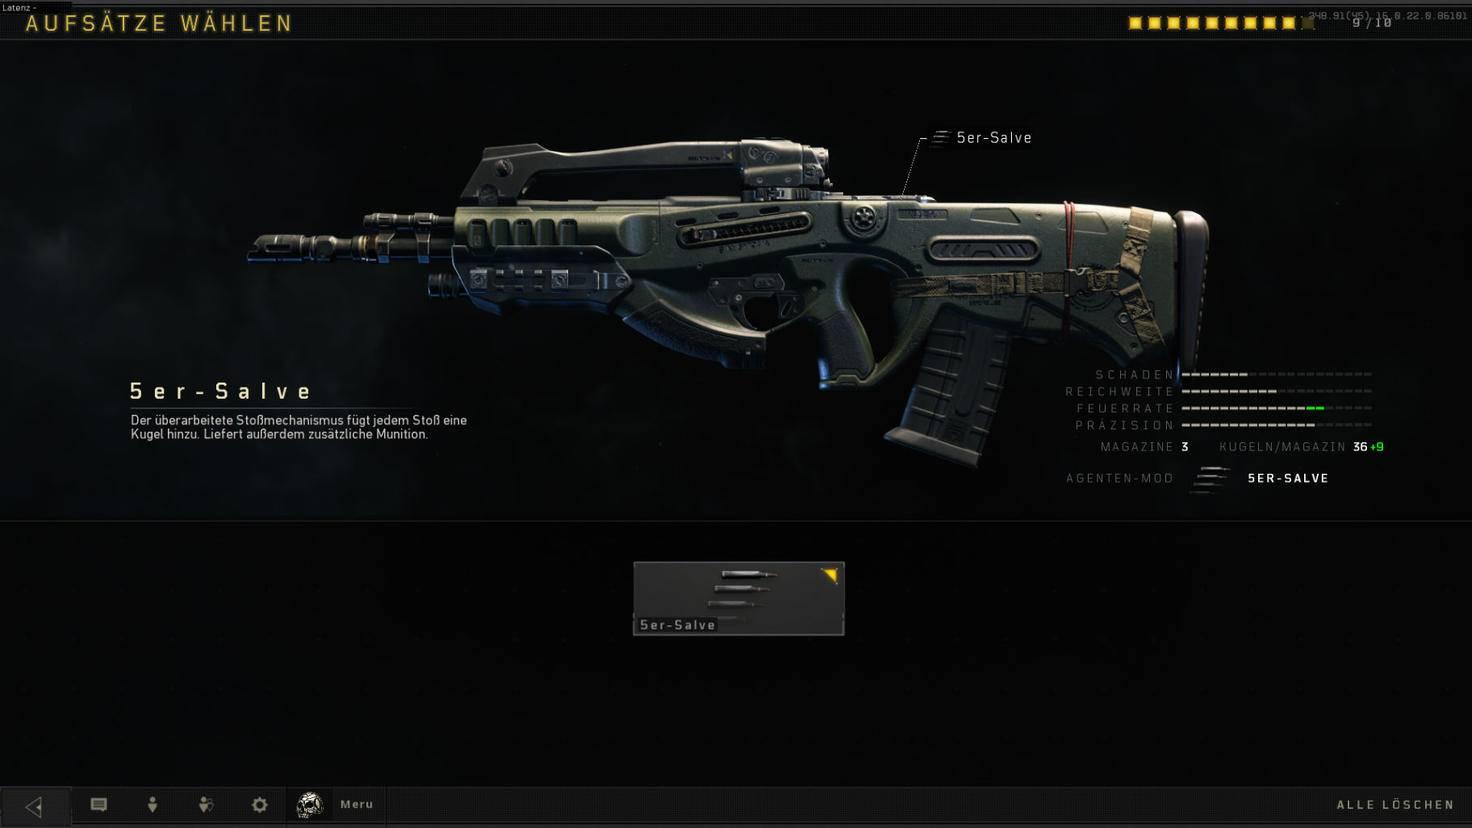 call-of-duty-black-ops-4-schwertfisch-screenshot